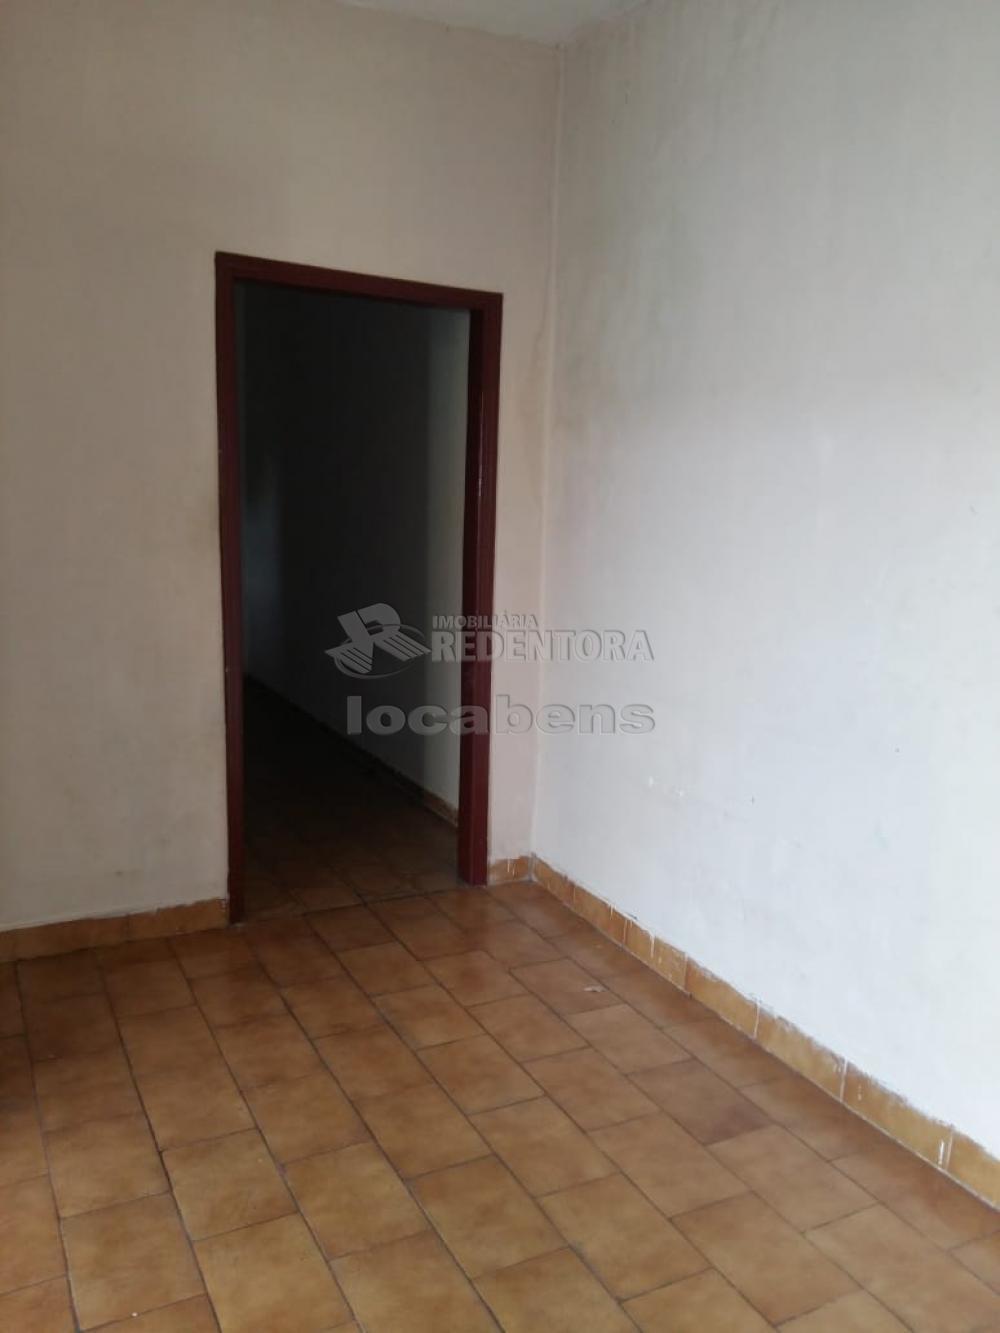 Comprar Casa / Padrão em São José do Rio Preto apenas R$ 260.000,00 - Foto 8